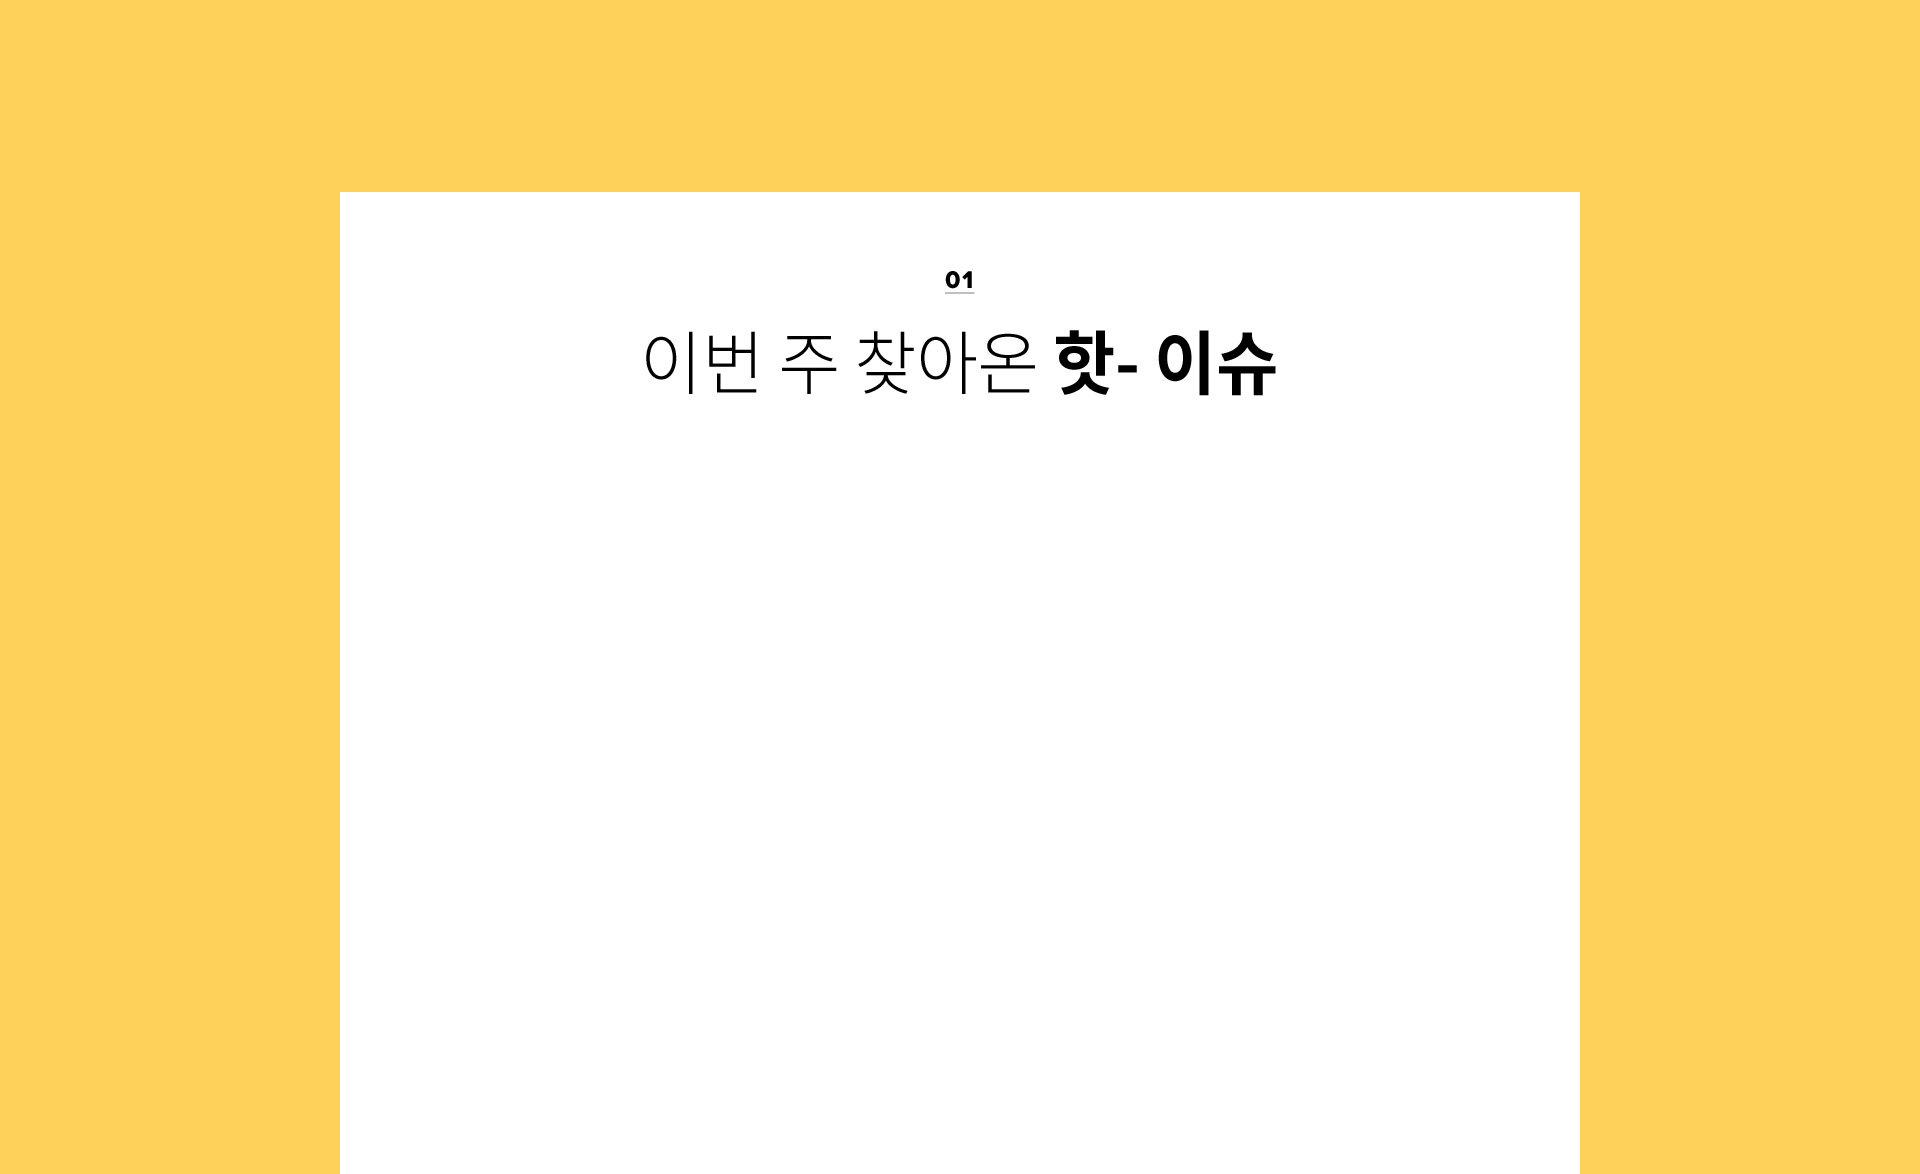 01 이번 주 찾아온 핫 이슈